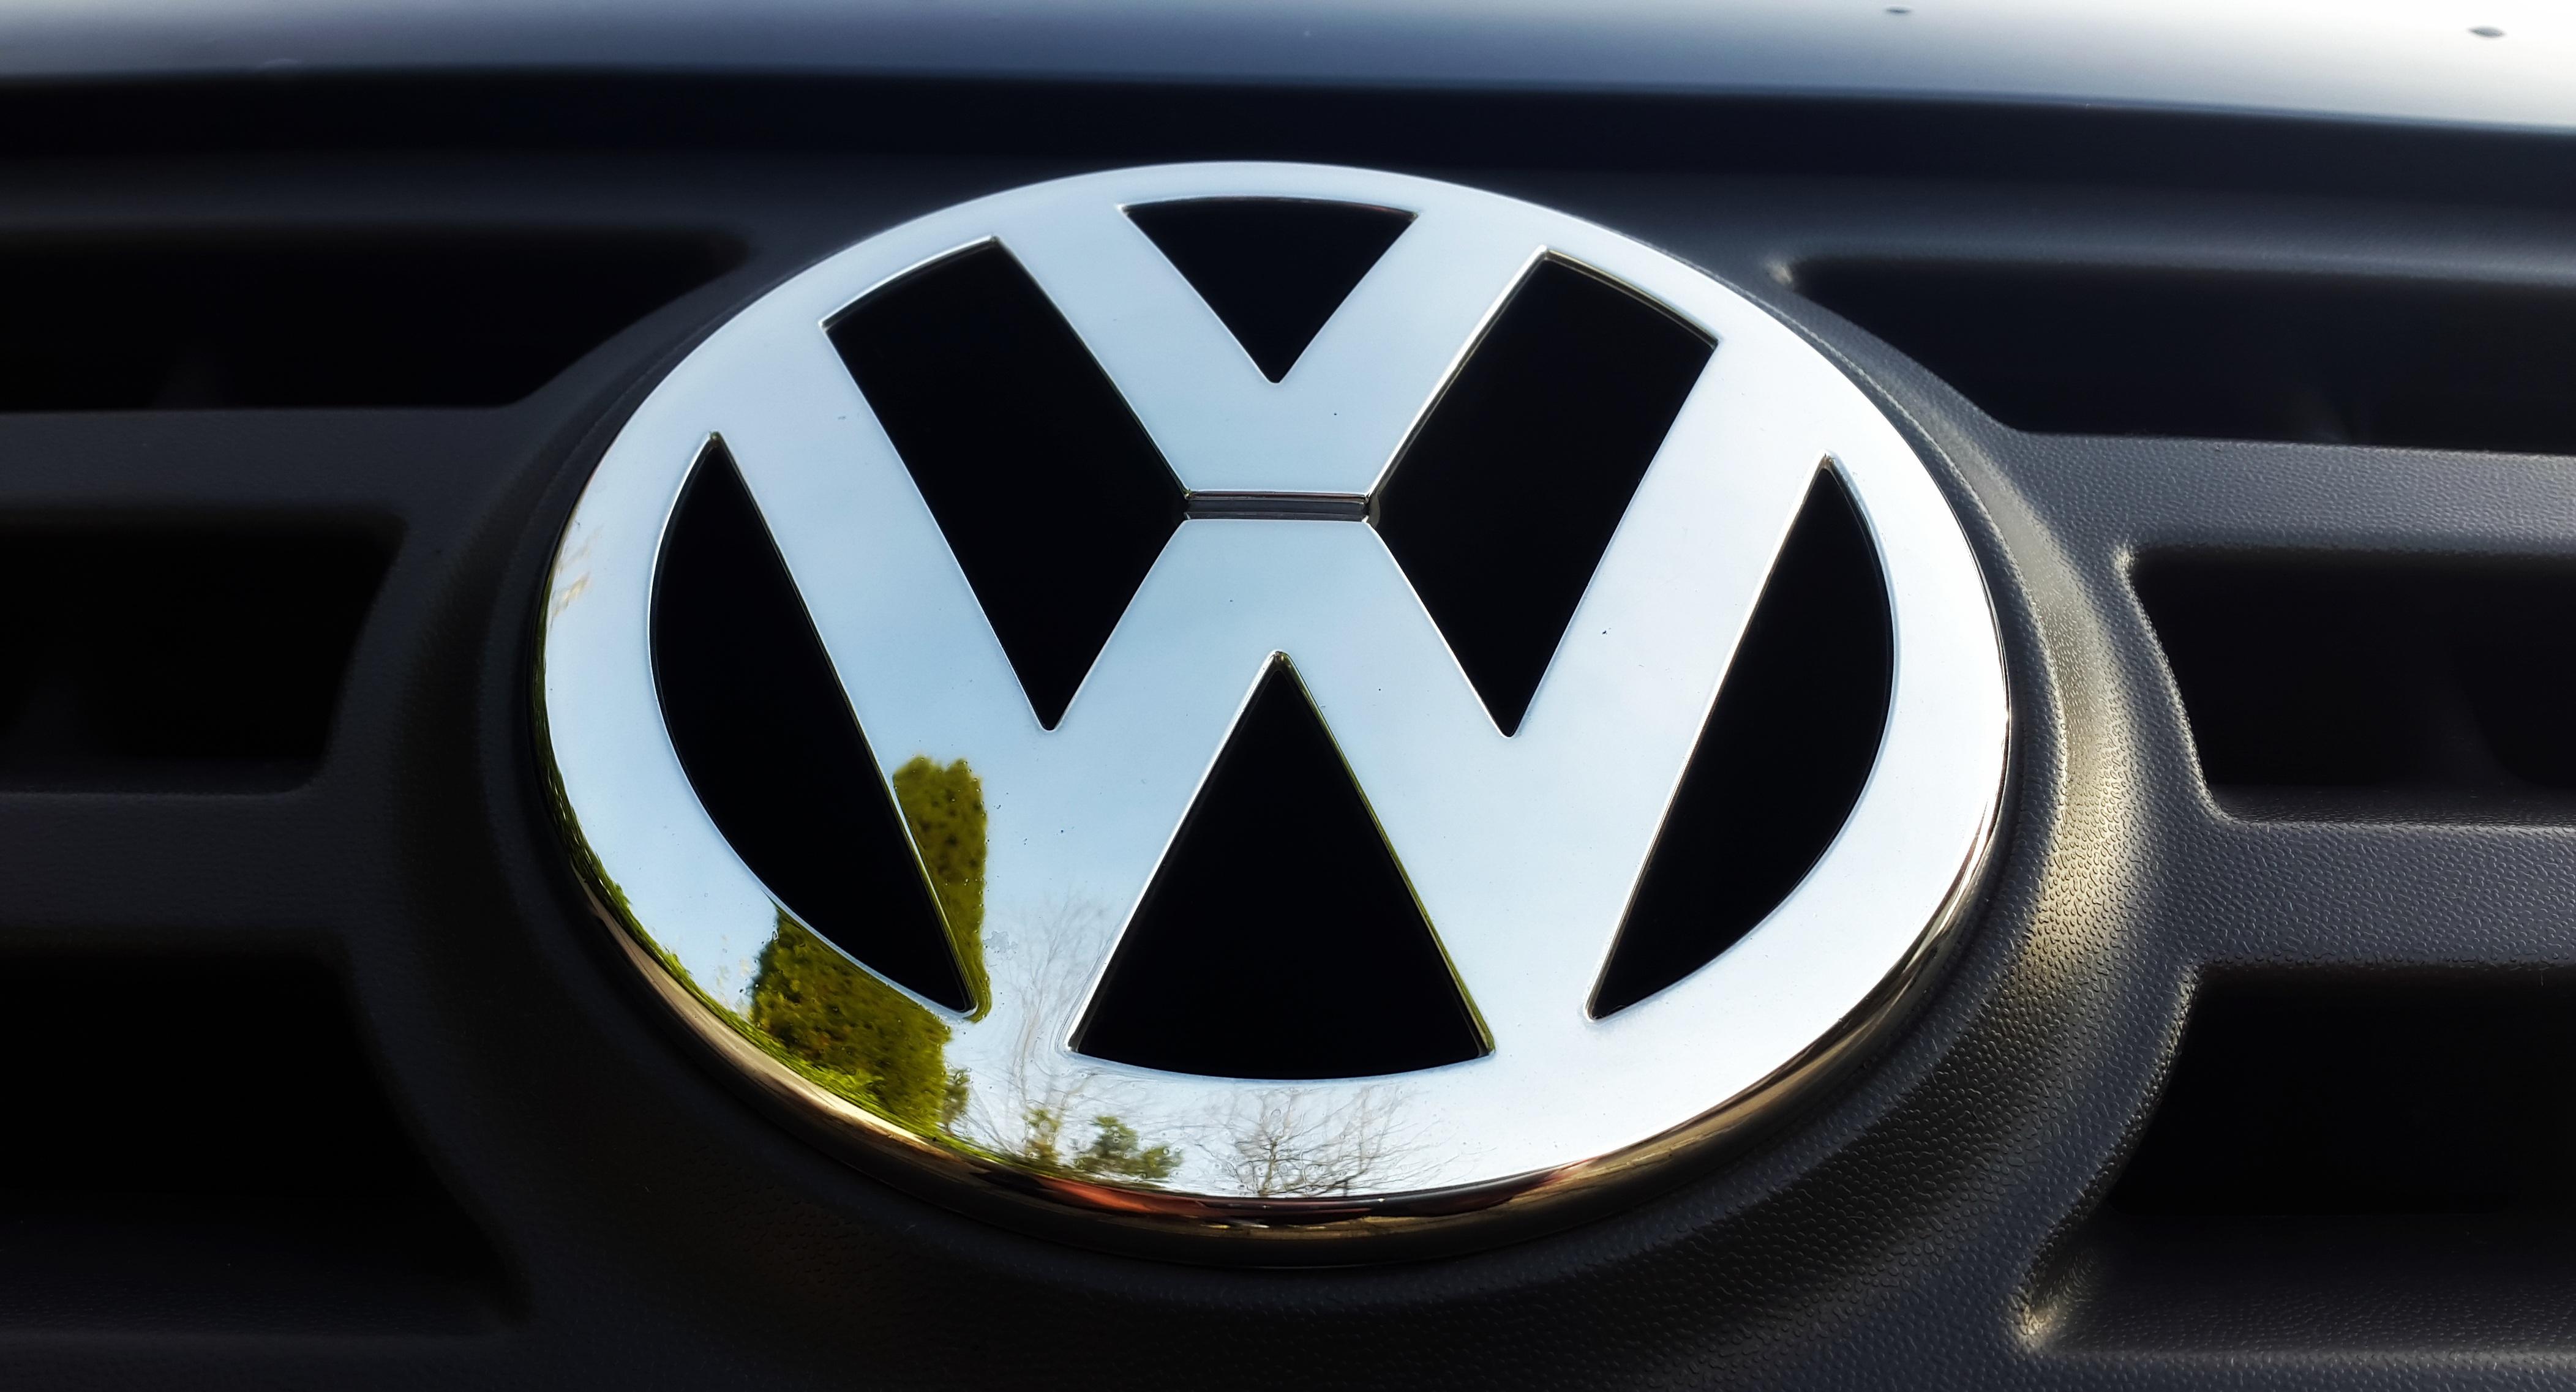 bildet hjul vw volkswagen kj ret y auto ratt grille st tfanger merke logo kant. Black Bedroom Furniture Sets. Home Design Ideas